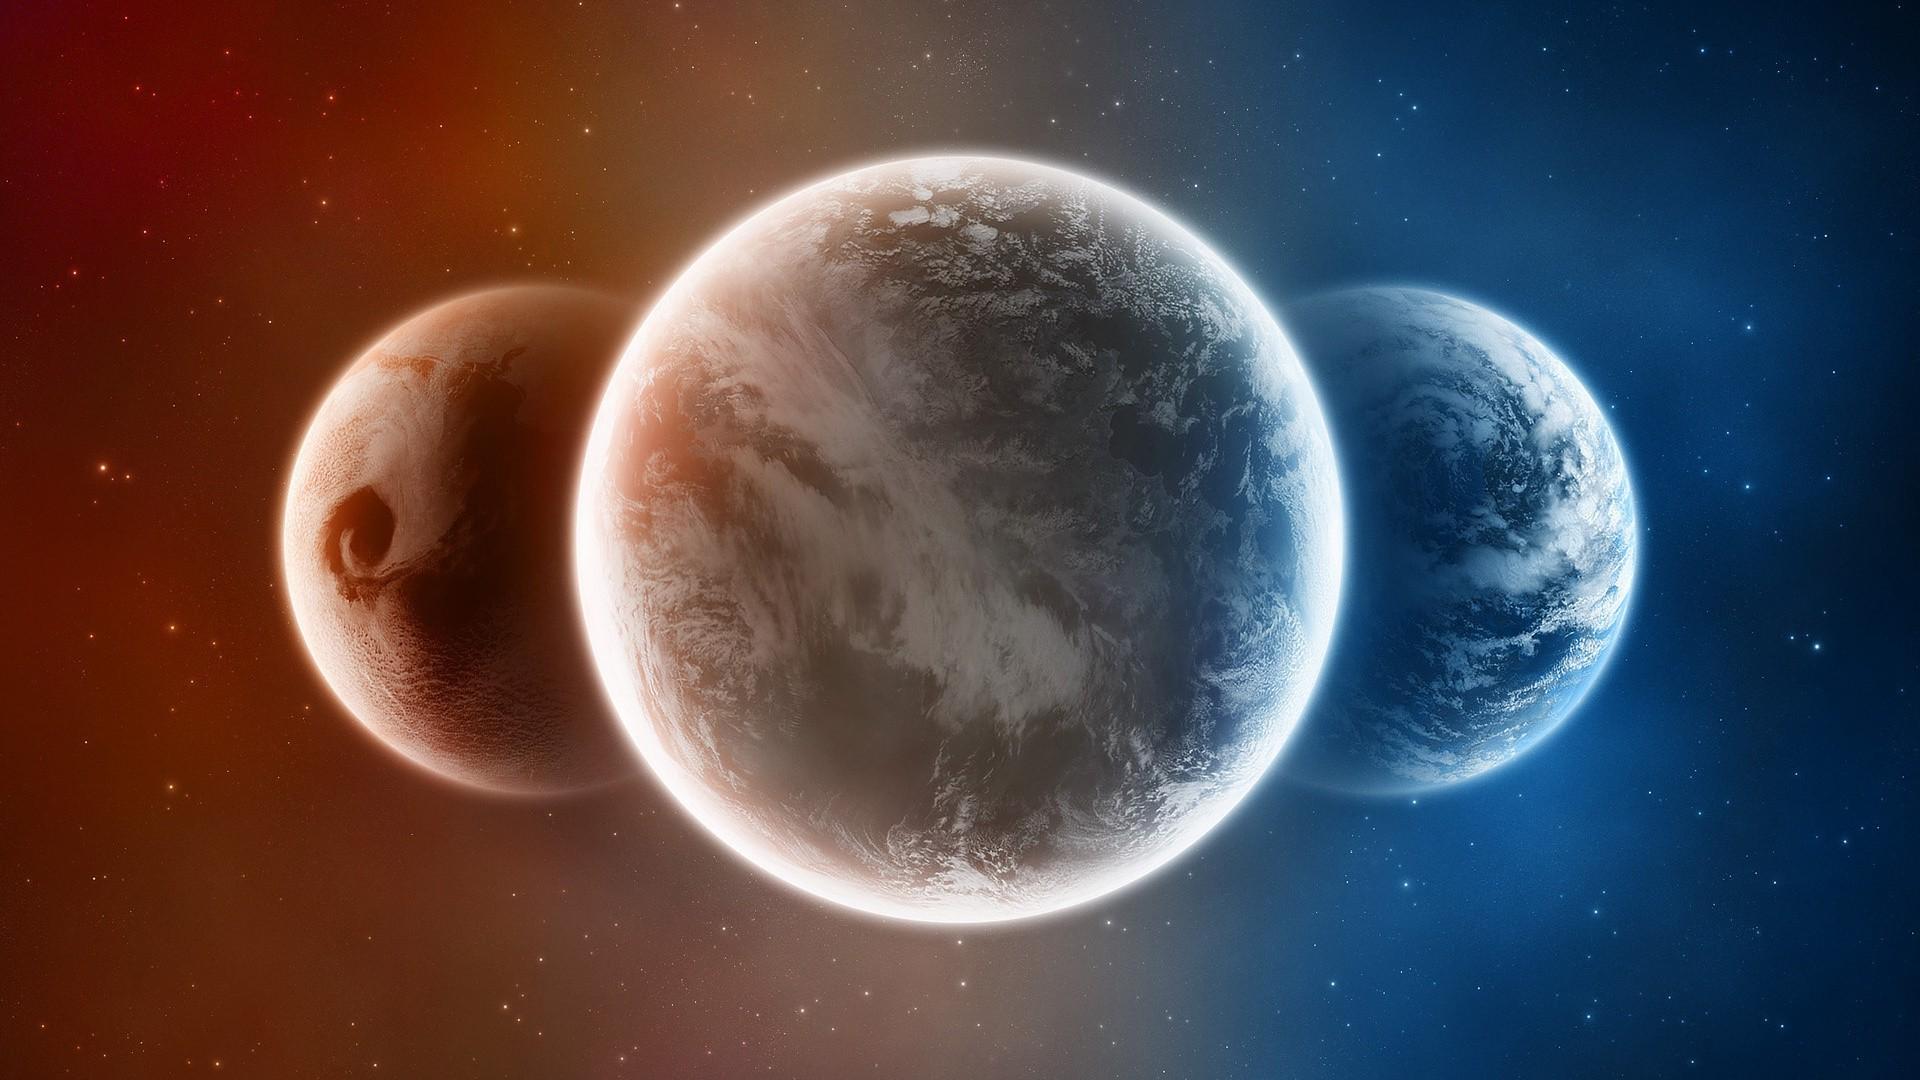 медленно картинки или фотки планет всех связана восточной идеологией